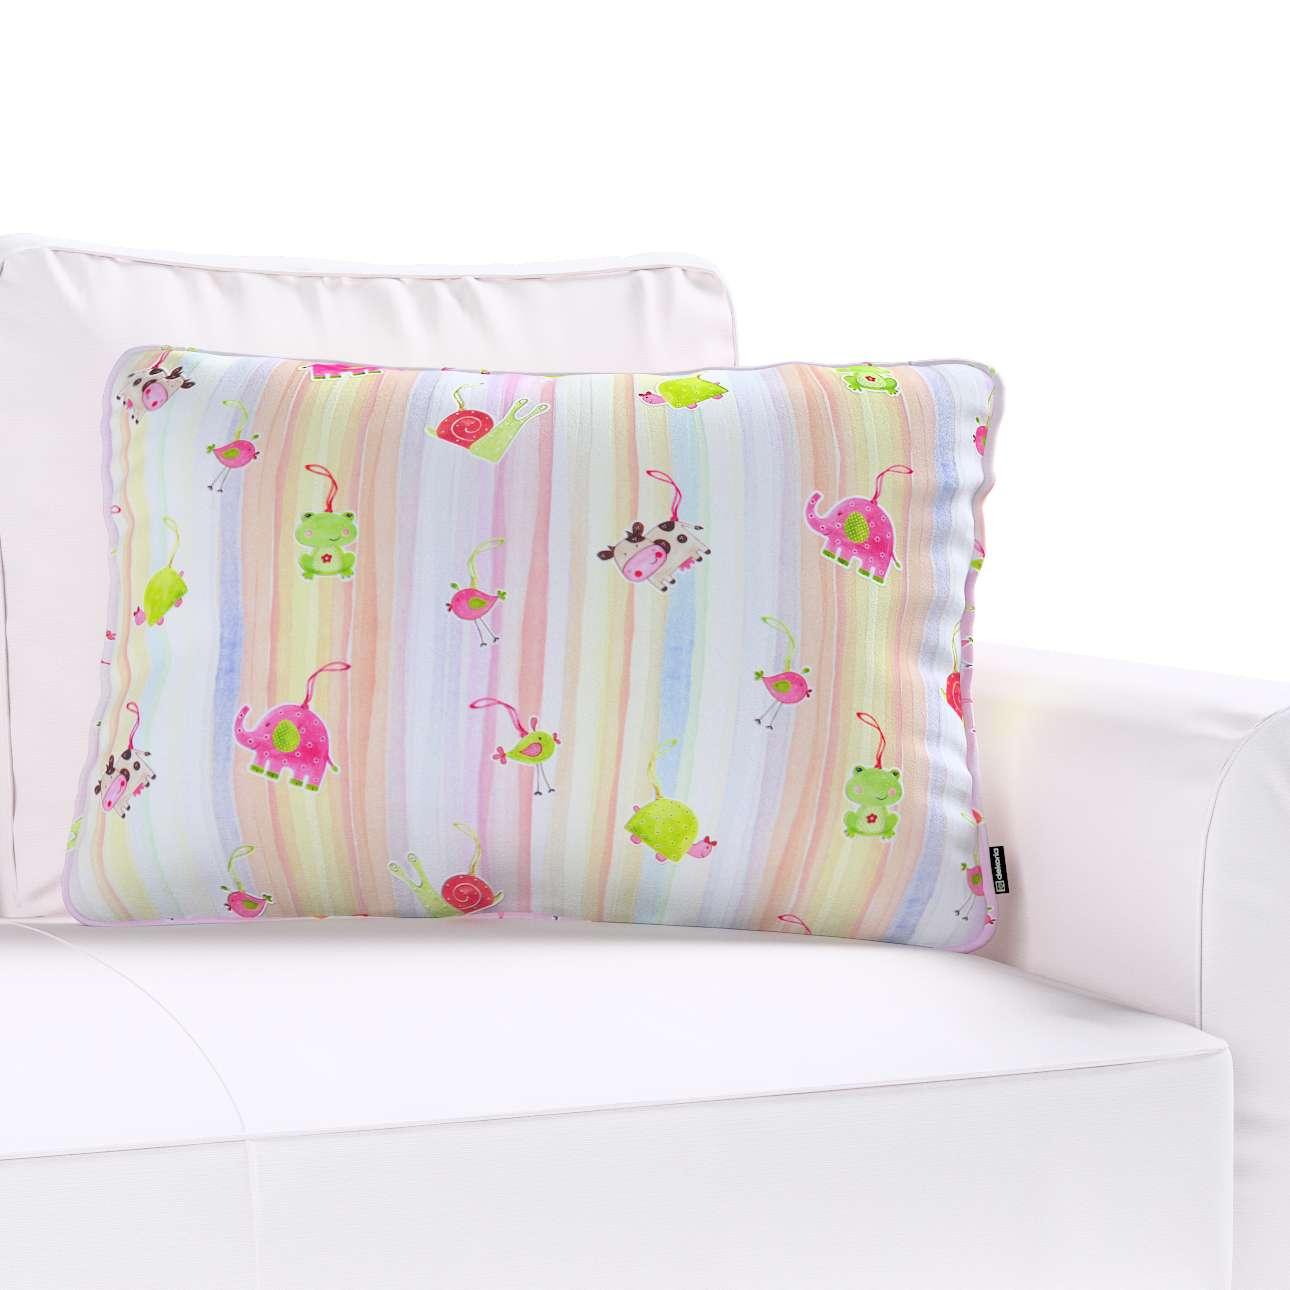 Poszewka Gabi na poduszkę prostokątna 60 x 40 cm w kolekcji Apanona do -30%, tkanina: 151-05